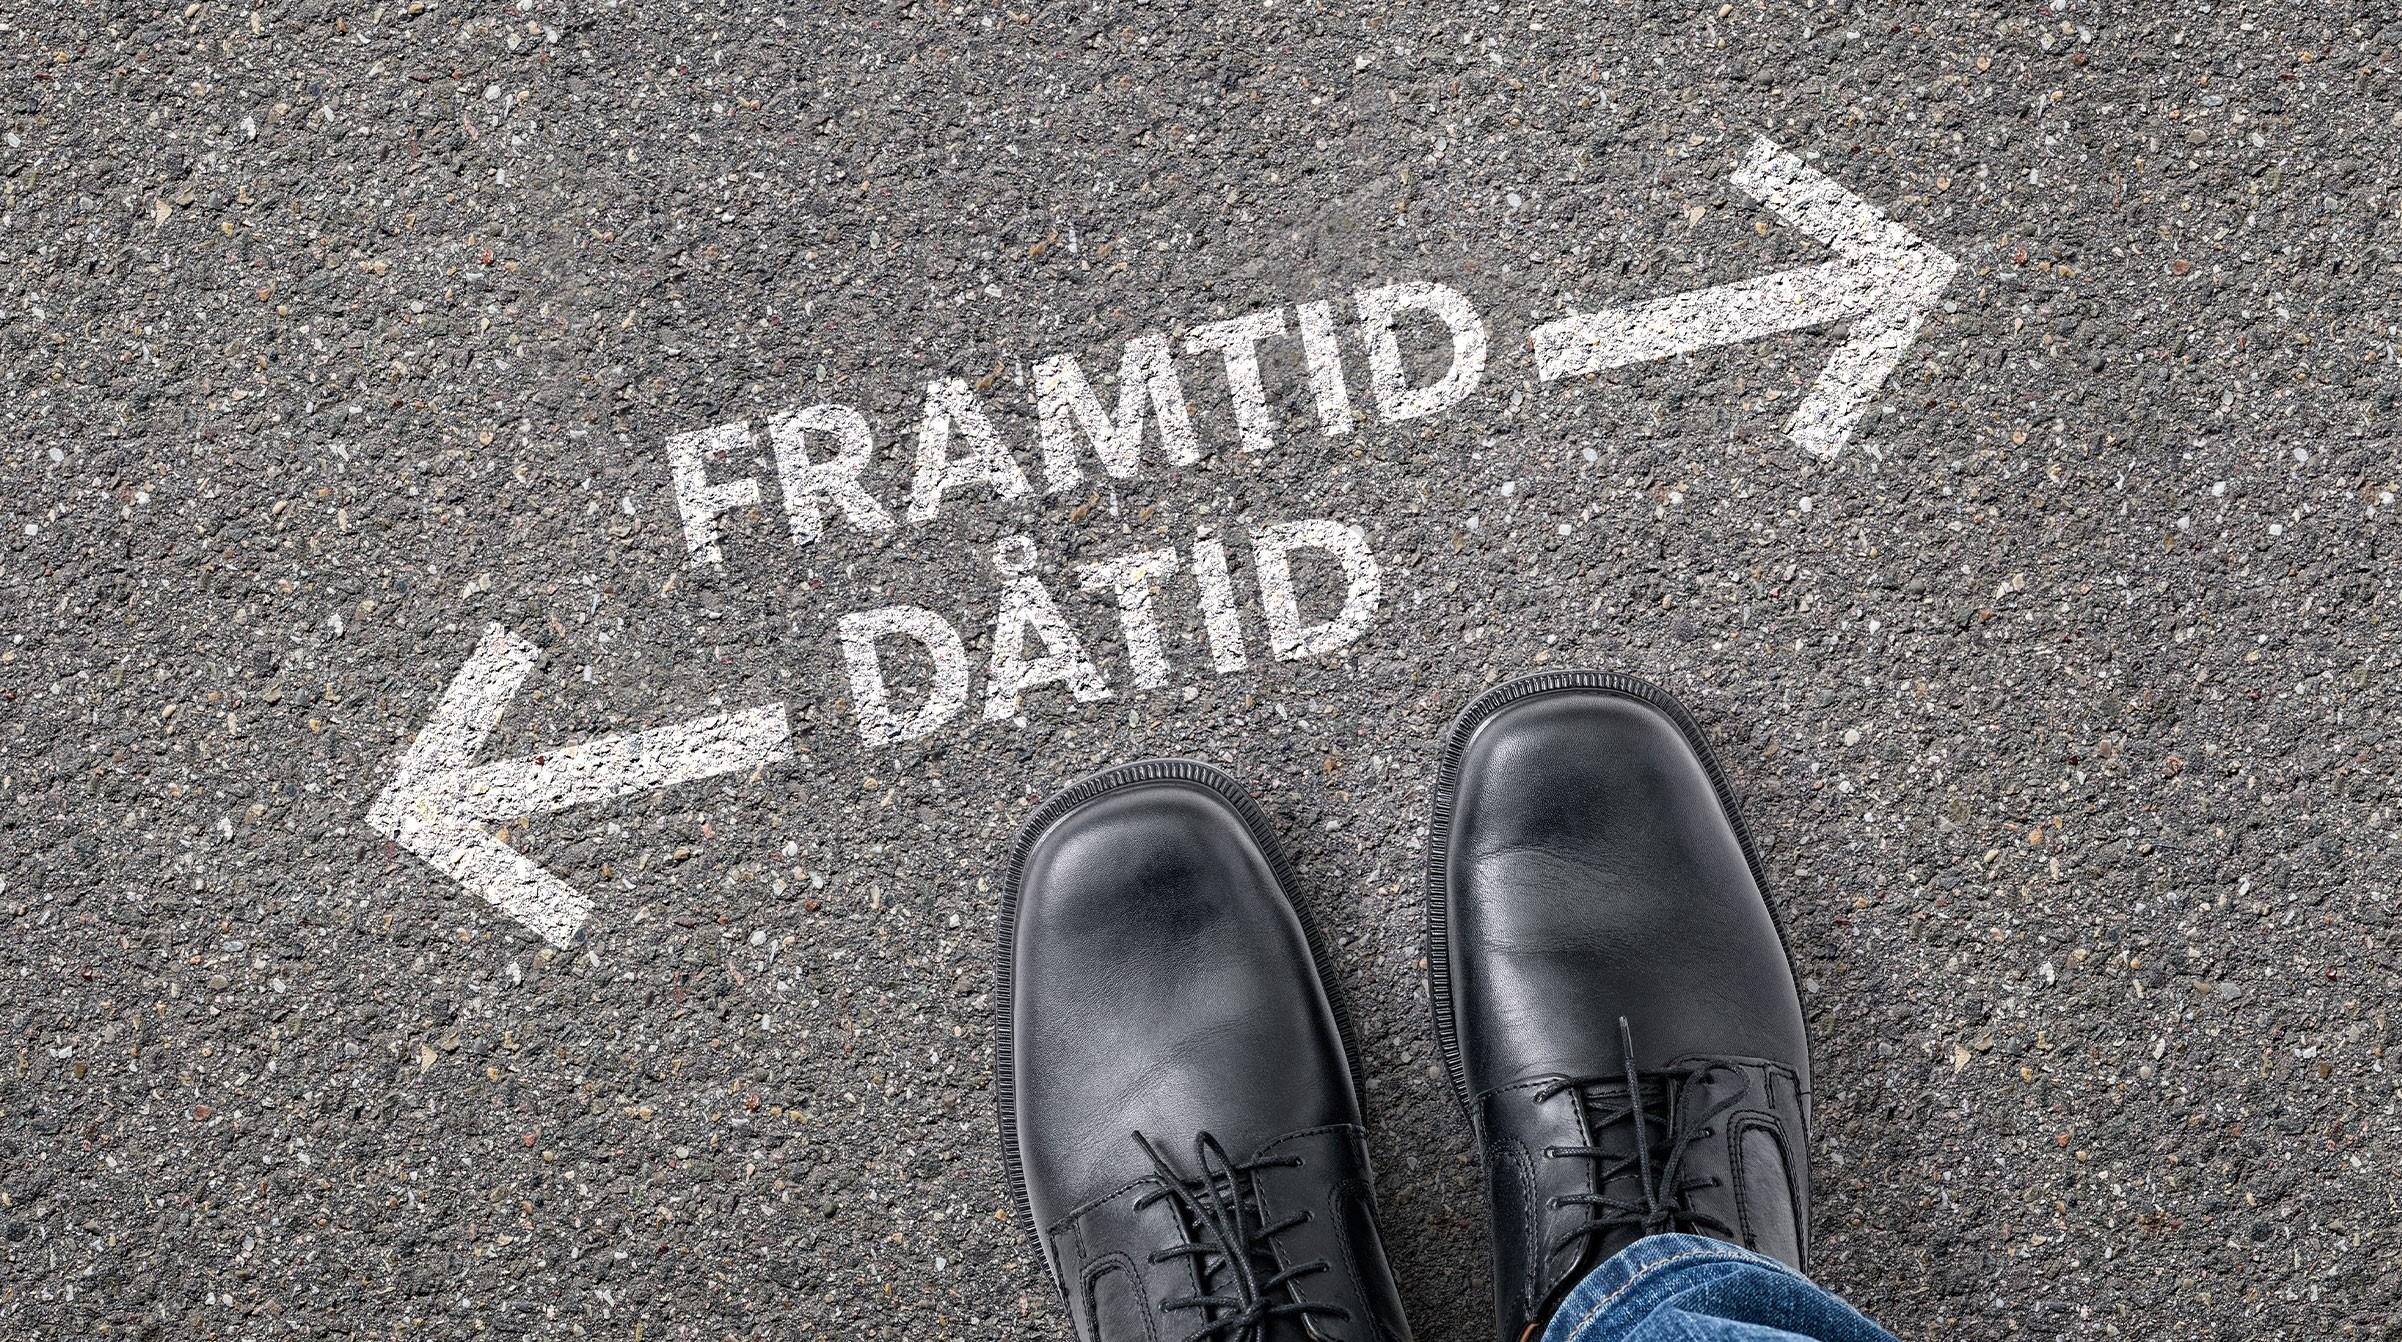 Skor på asfalt med text framtid - dåtid